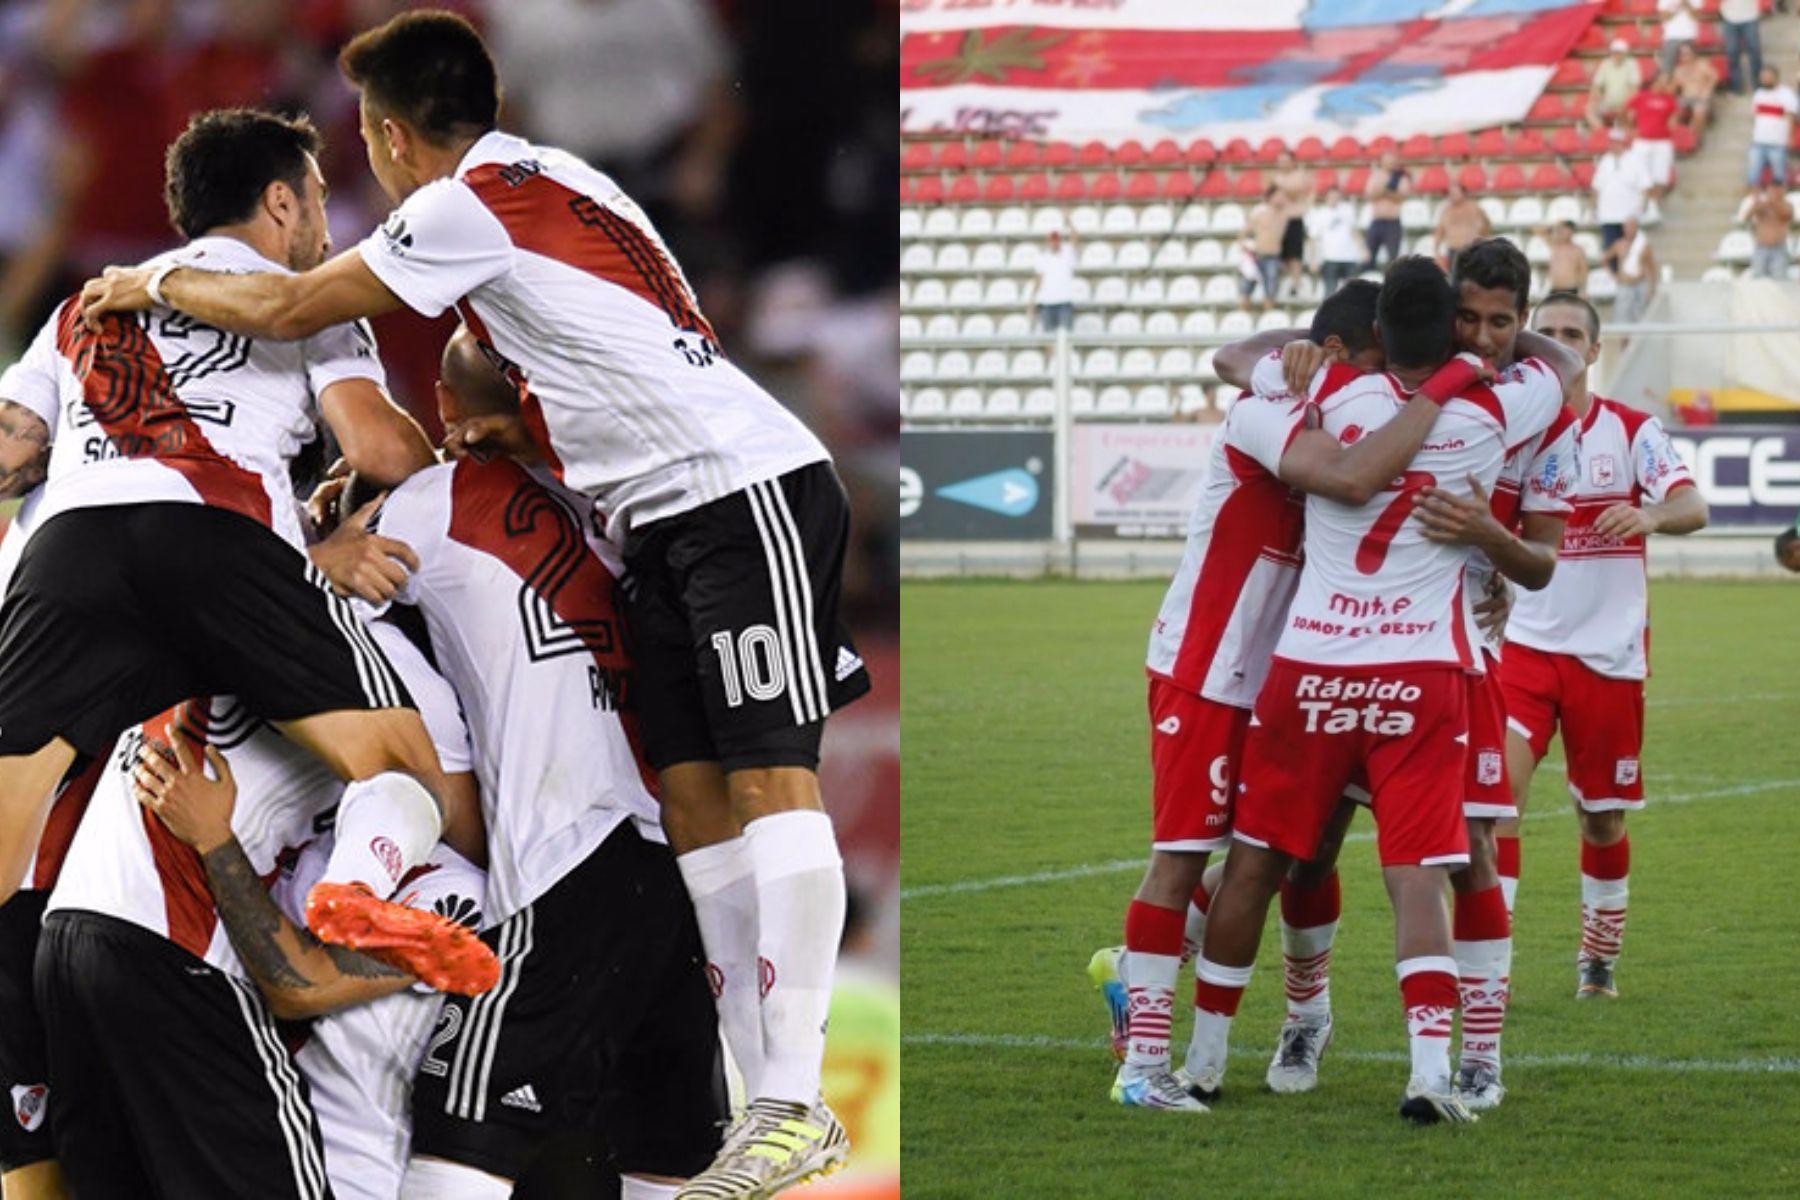 El partido será arbitrado por Mauro Viglianoy determinará el segundo finalista de la Copa Argentina